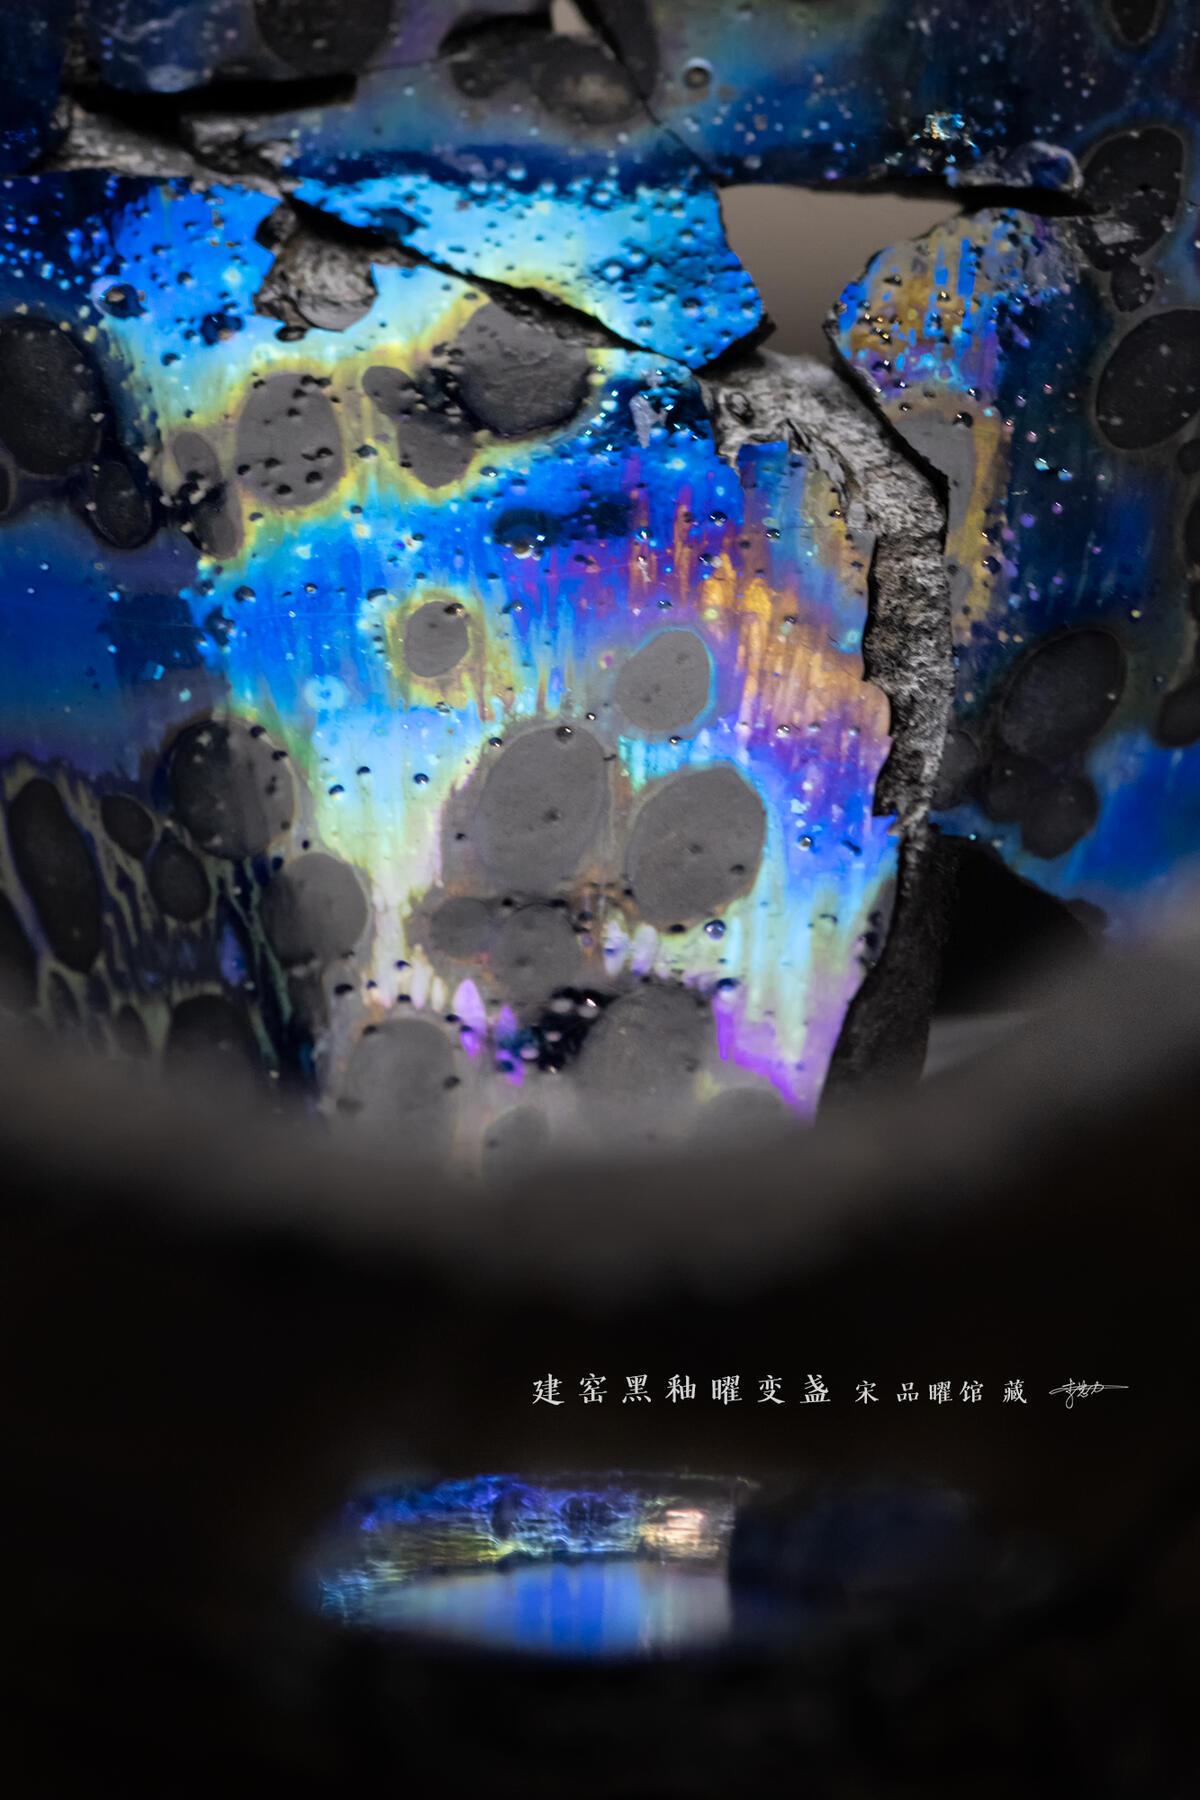 微信图片_20200114113350.jpg